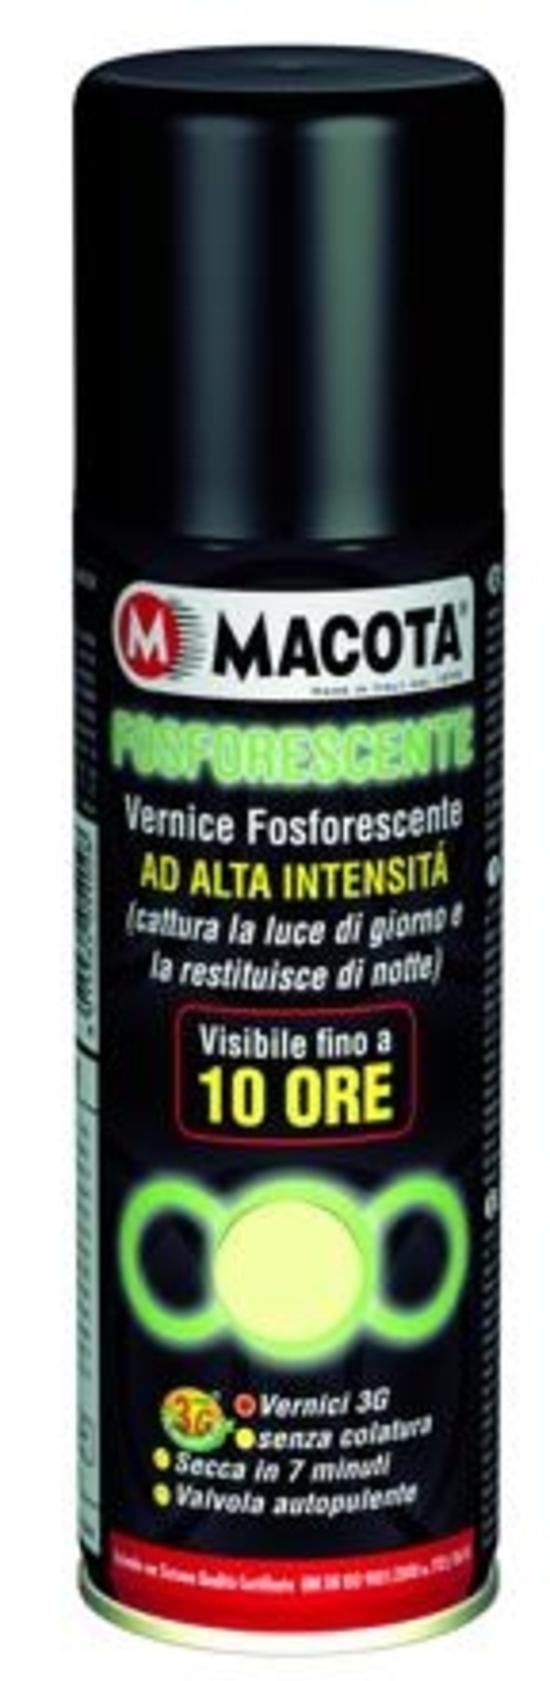 Macota Fosforescente: la vernice ad alta visibilità